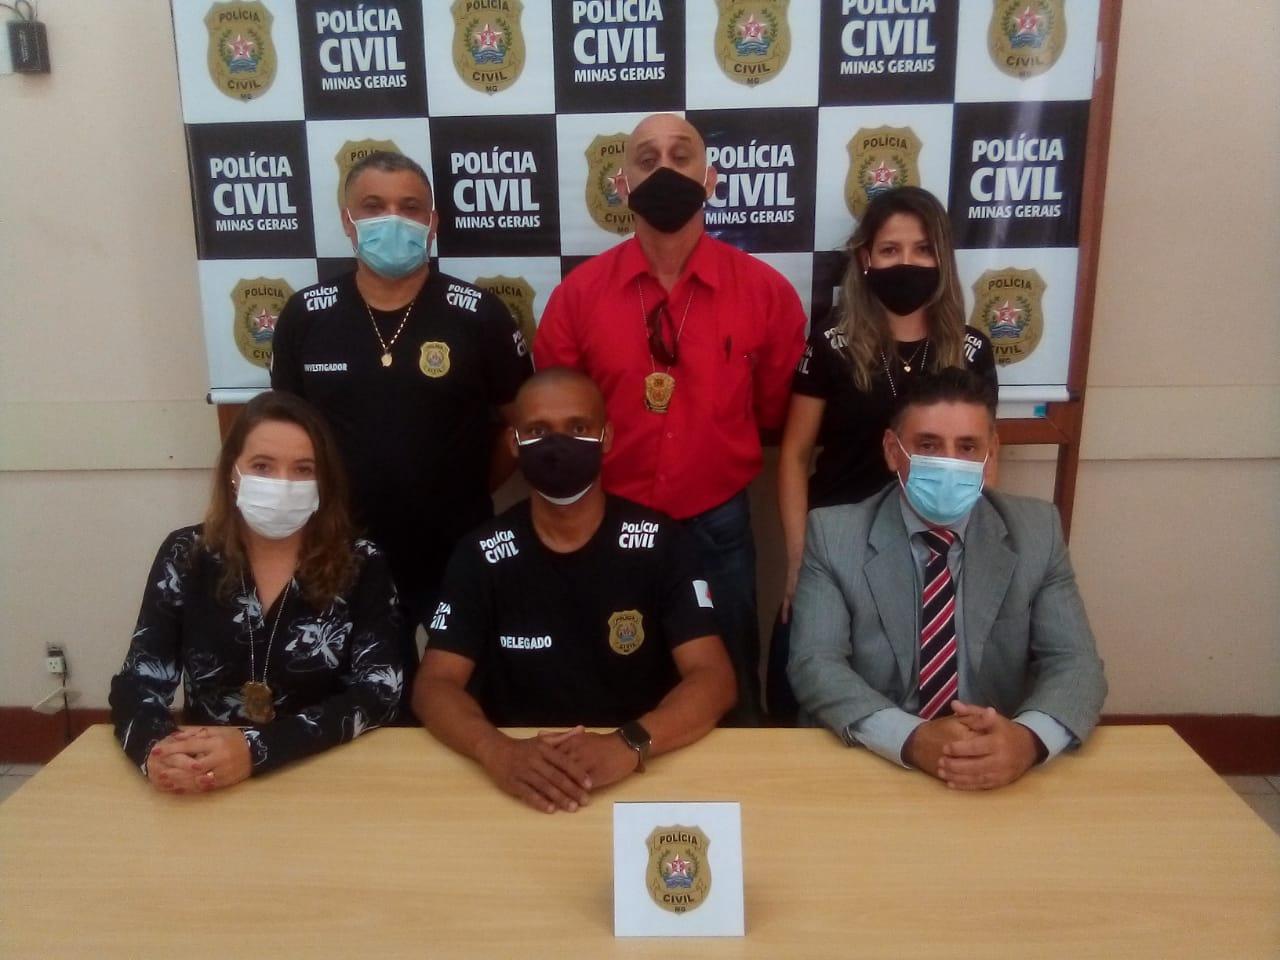 Polícia estoura central usada para golpe do motoboy em Belo Horizonte - Foto: Divulgação/PCMG